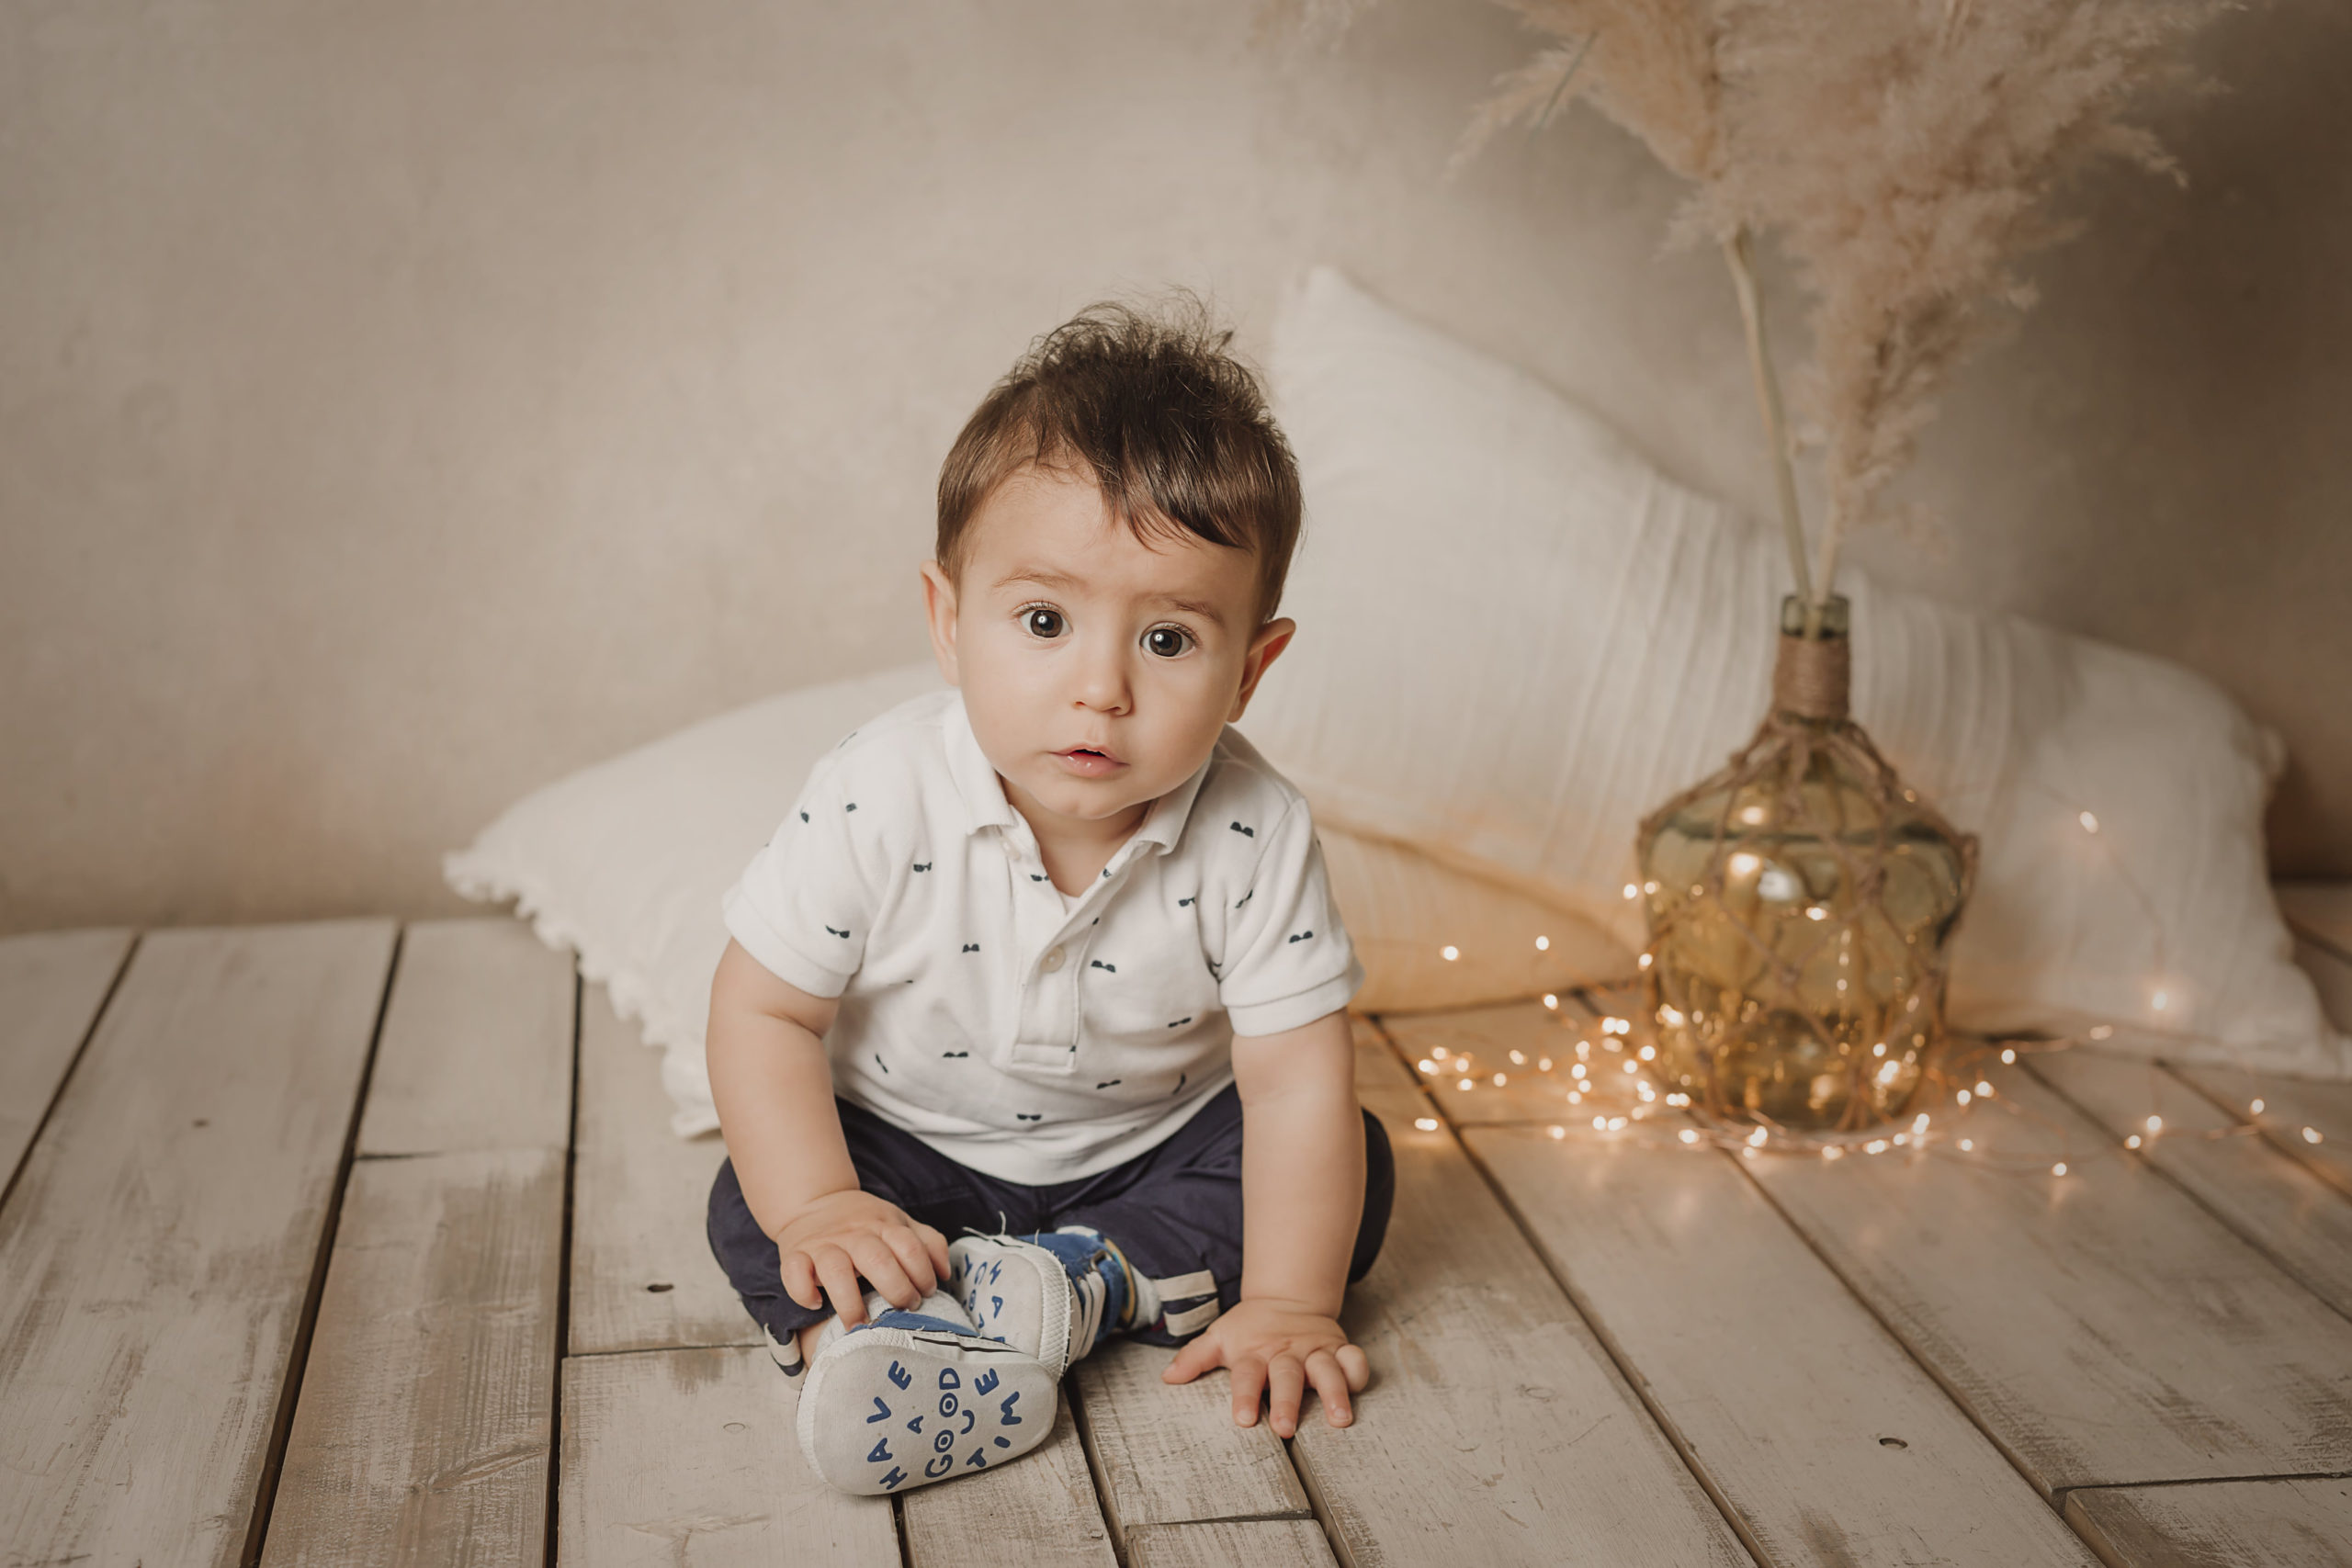 fotografo infantil en zaragoza